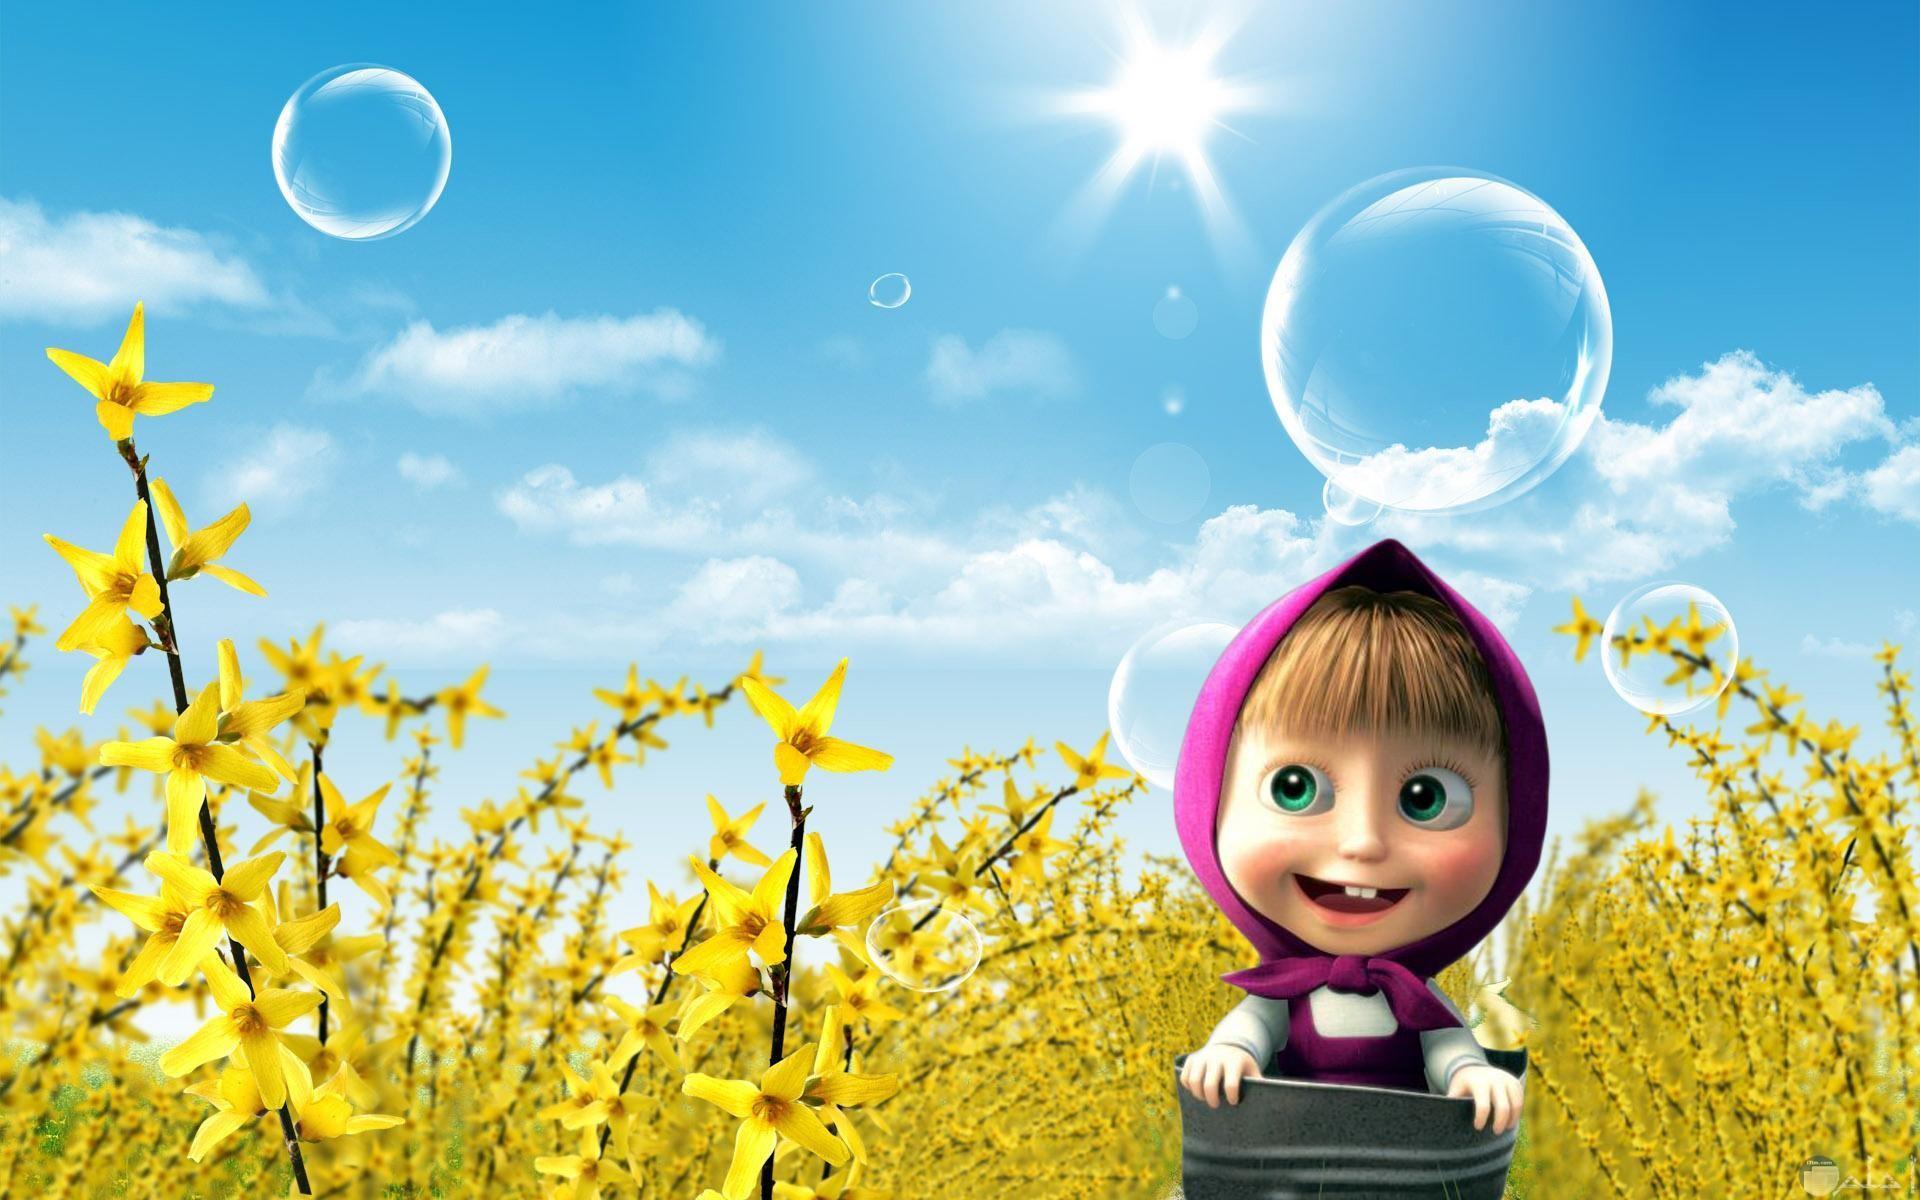 صورة لماشا جميلة في جو مشمس وخلفها زهور صفراء اللون